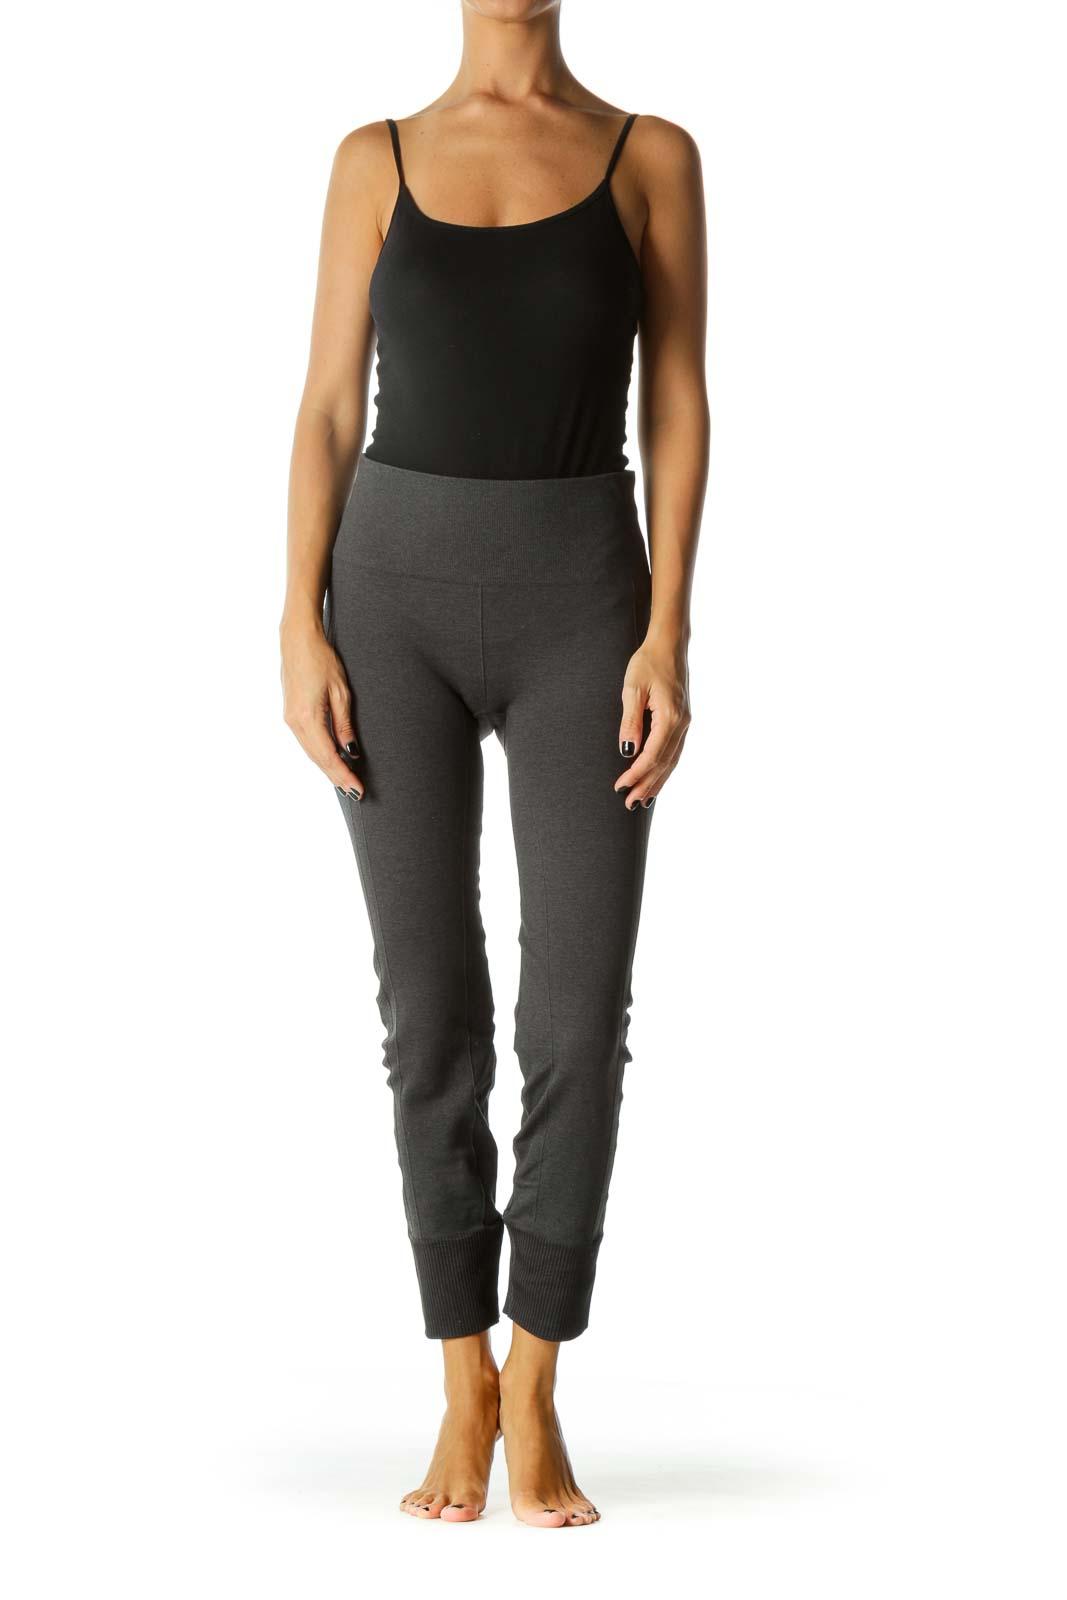 Black Detail Sporty Legging